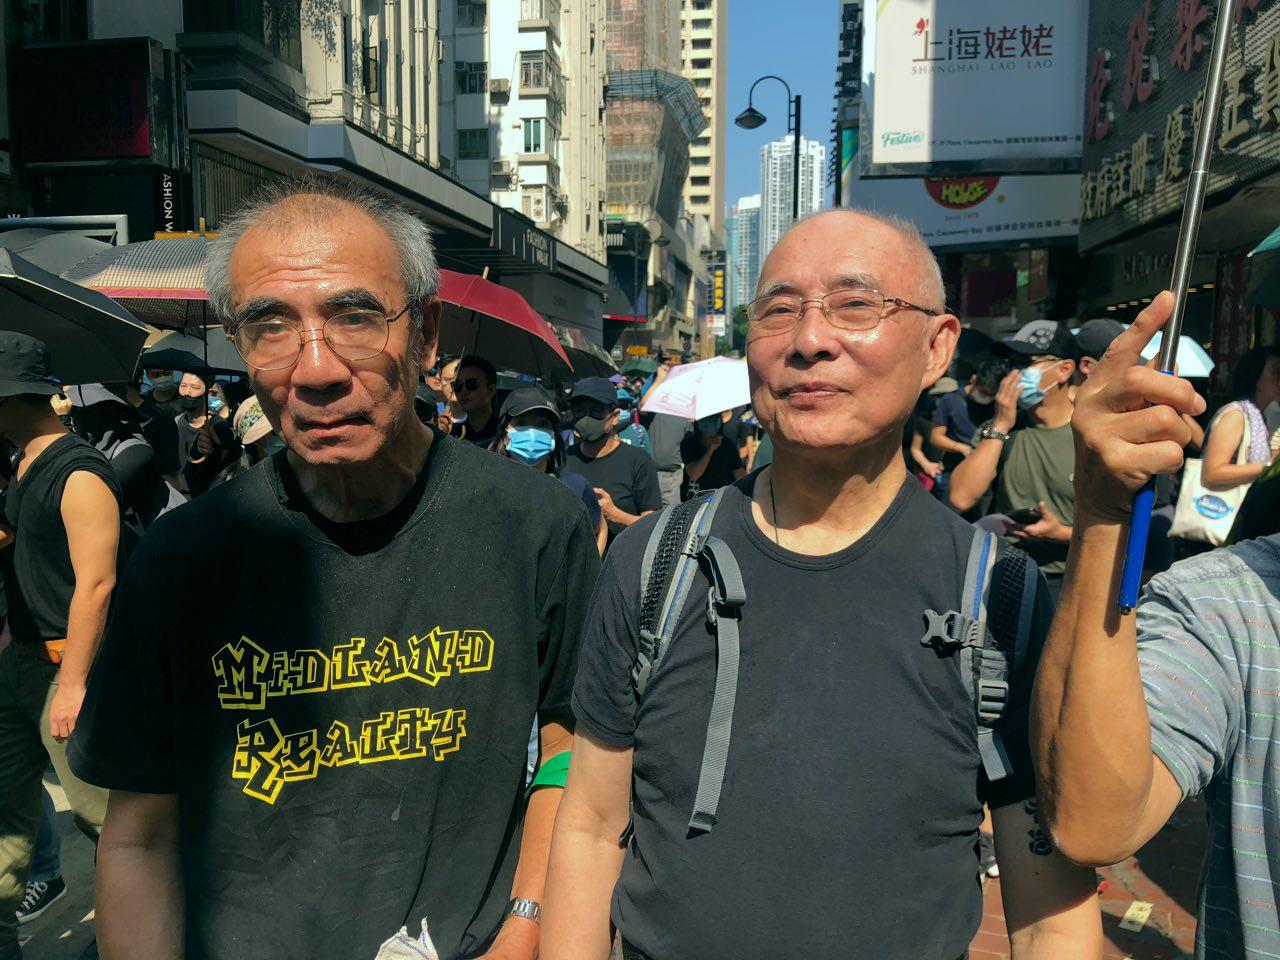 香港著名作家、前藝發局文學組主席寒山碧(右)和《起錨》系列的作者黃東漢(左)。(香港大紀元提供)